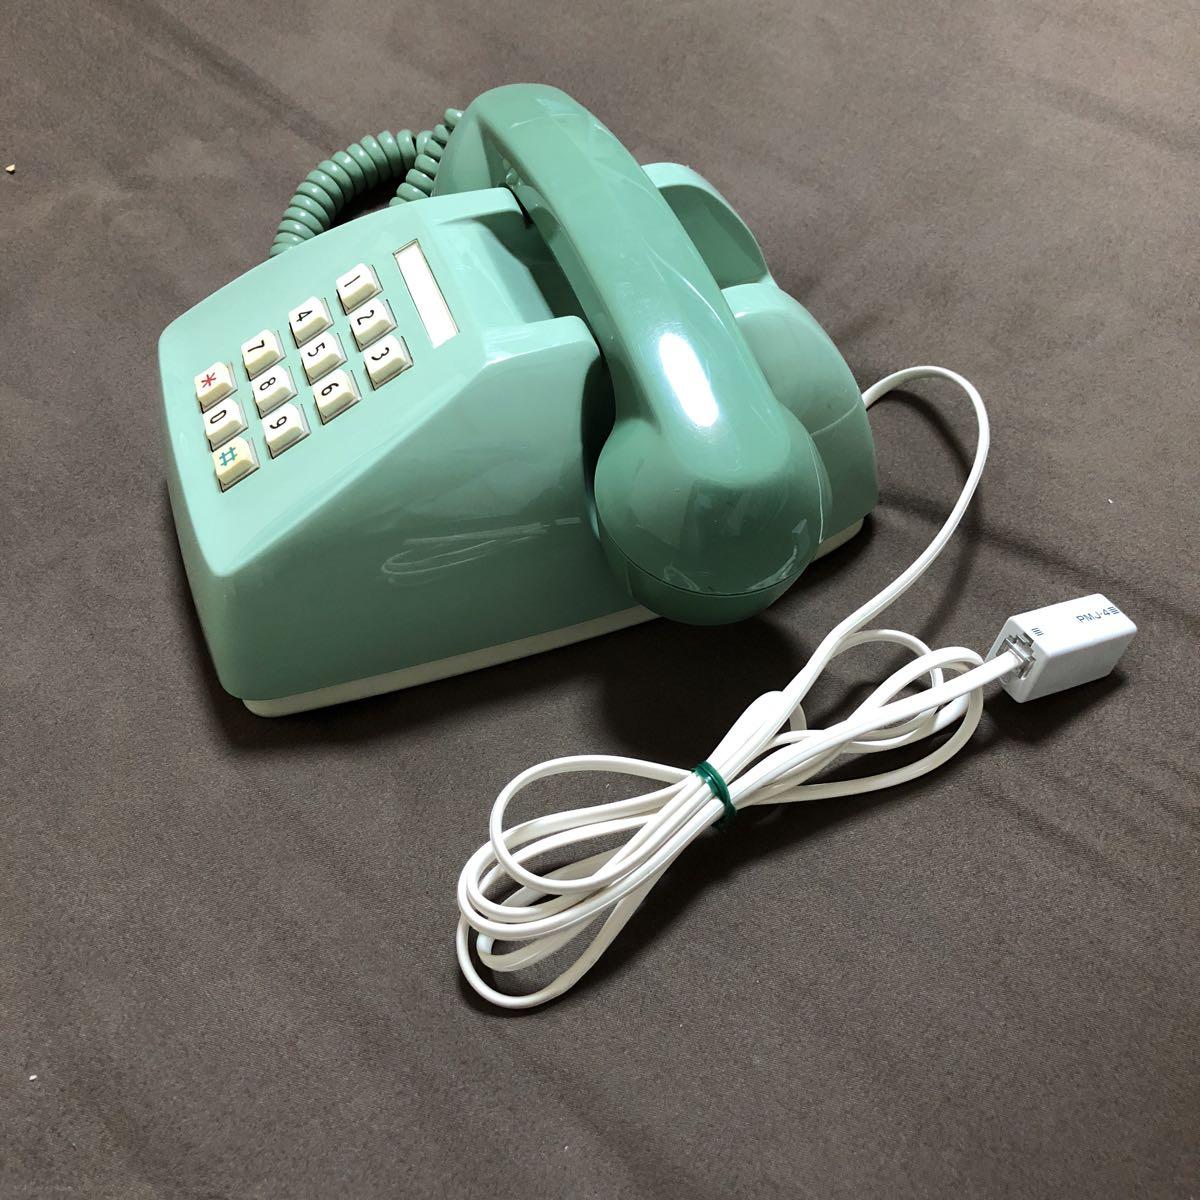 レトロ アンティーク プッシュ式電話機 600-P 日本電信電話公社 プッシュホン グリーン 緑 置物 飾り インテリア_画像6